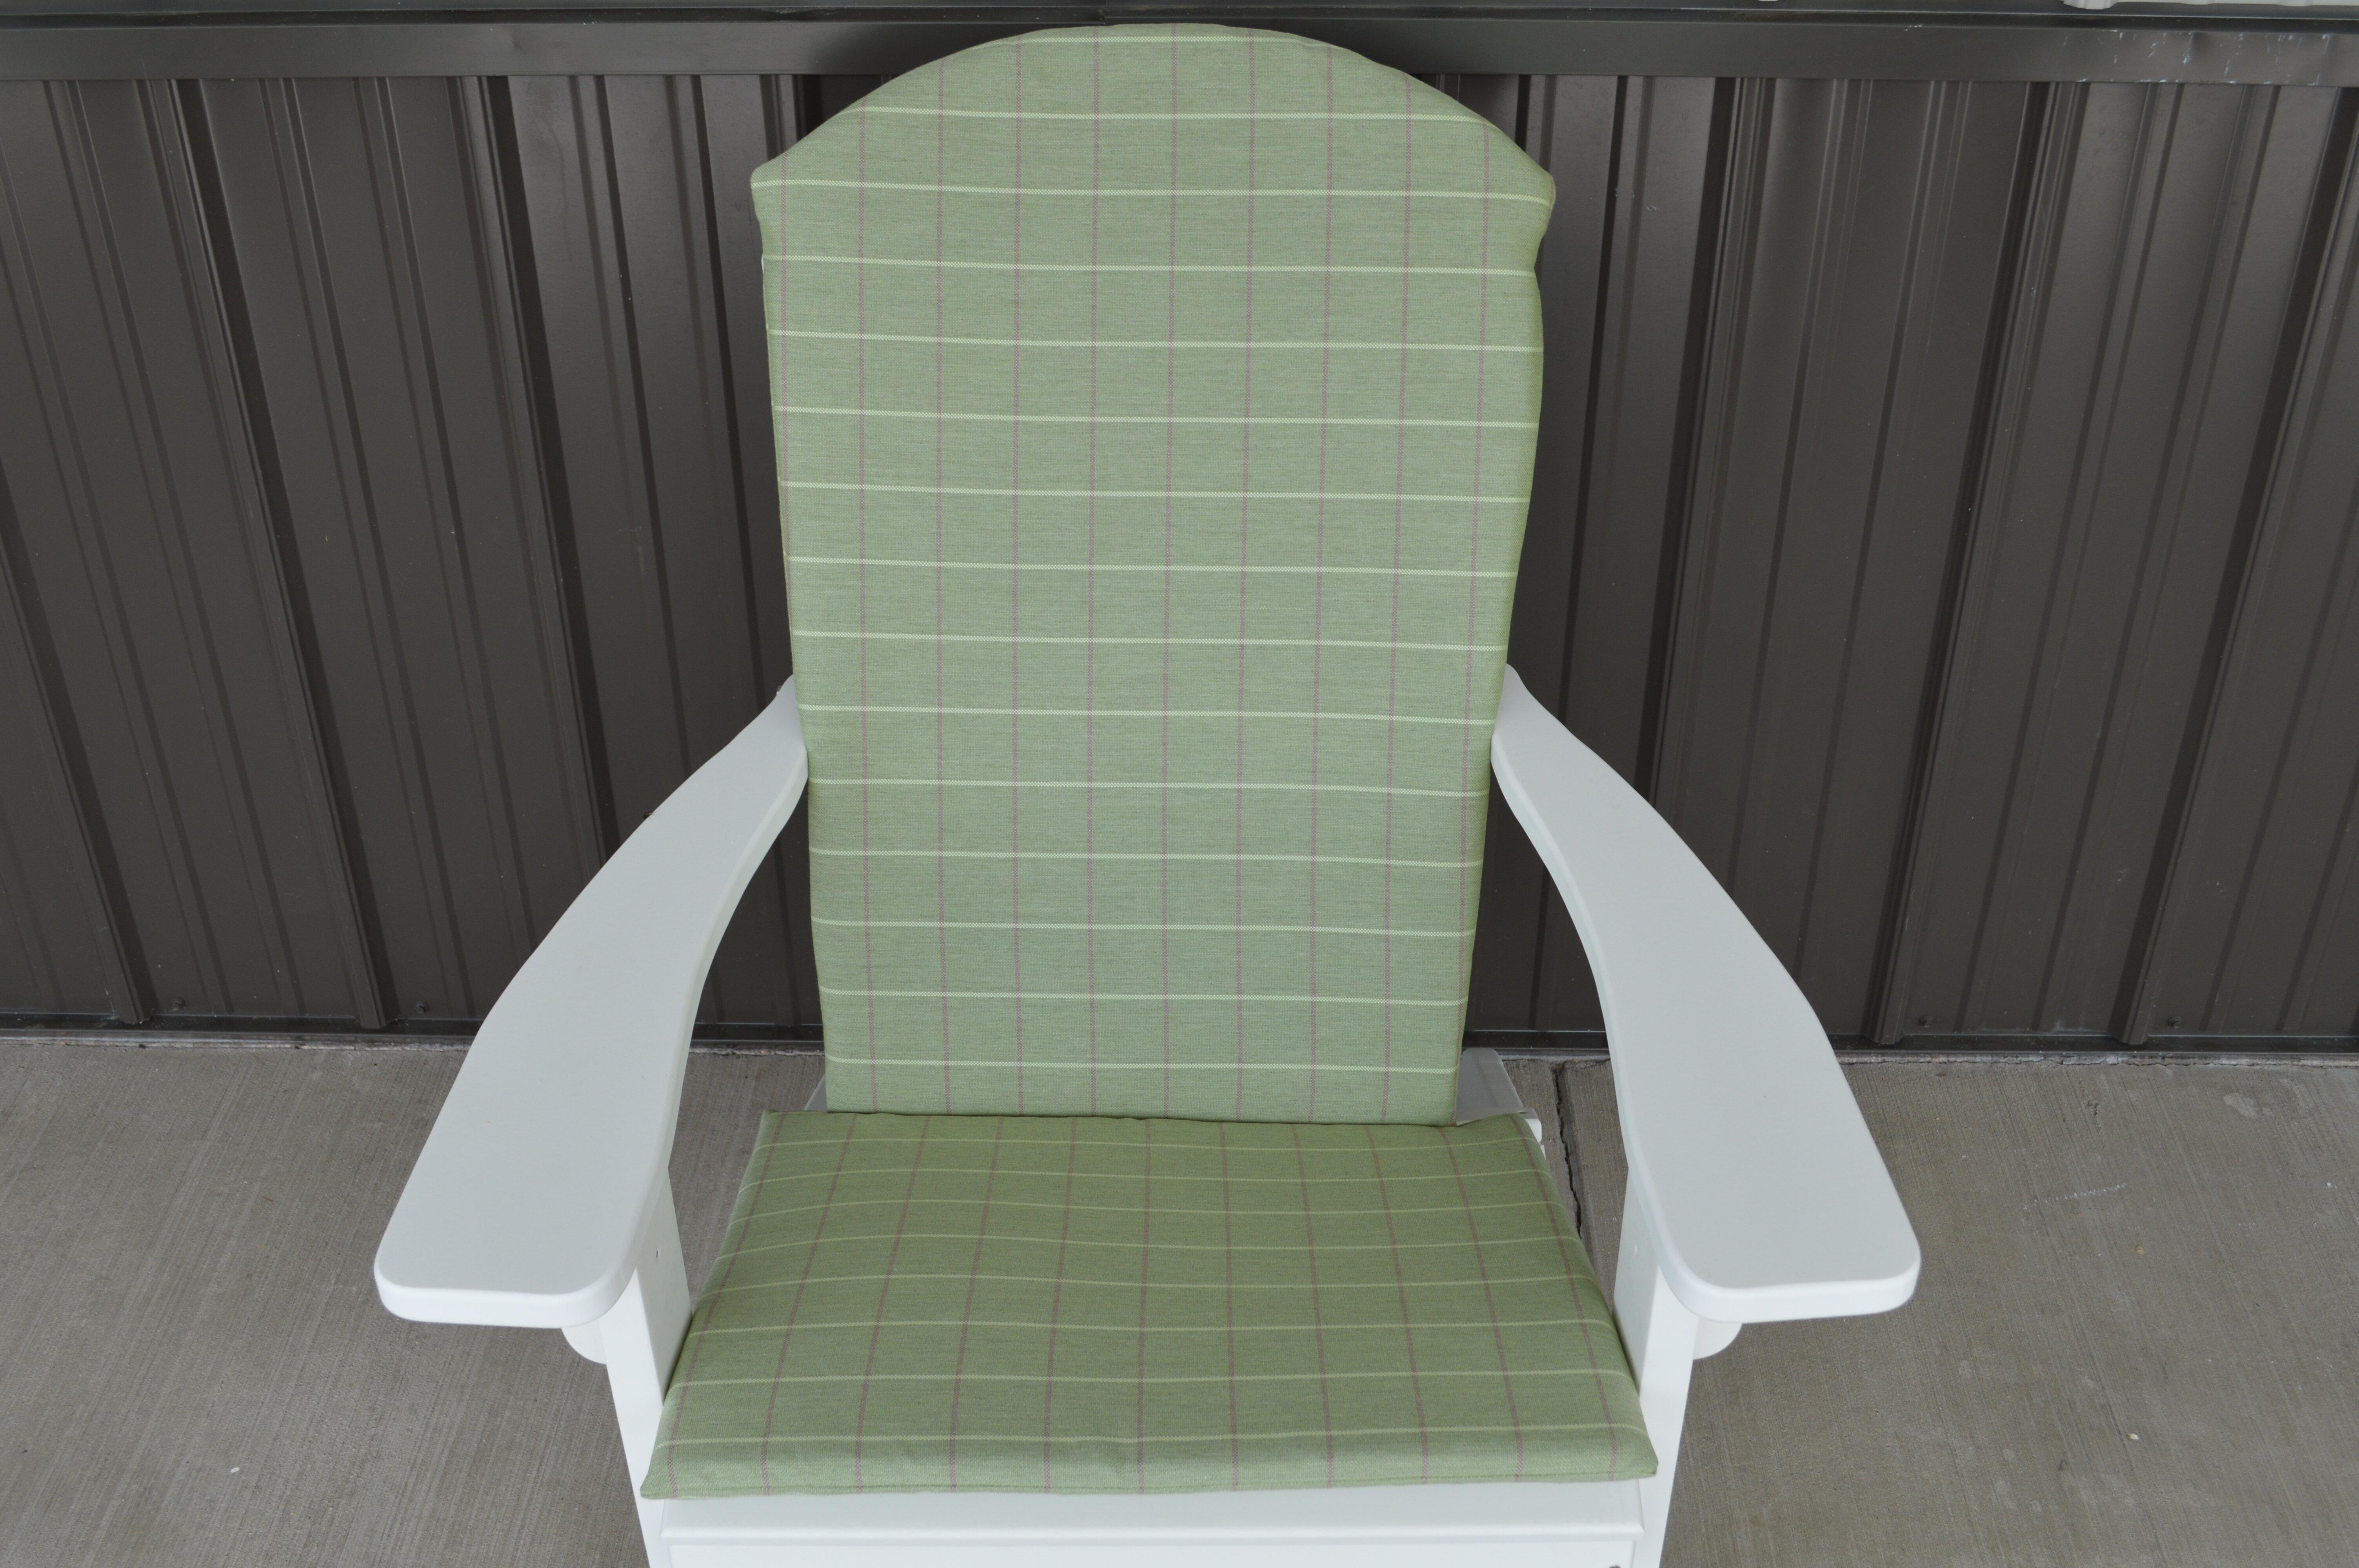 Coussin Pour Fauteuil Adirondack coussin de chaise adirondack agora complet pour l'intérieur et l'extérieur